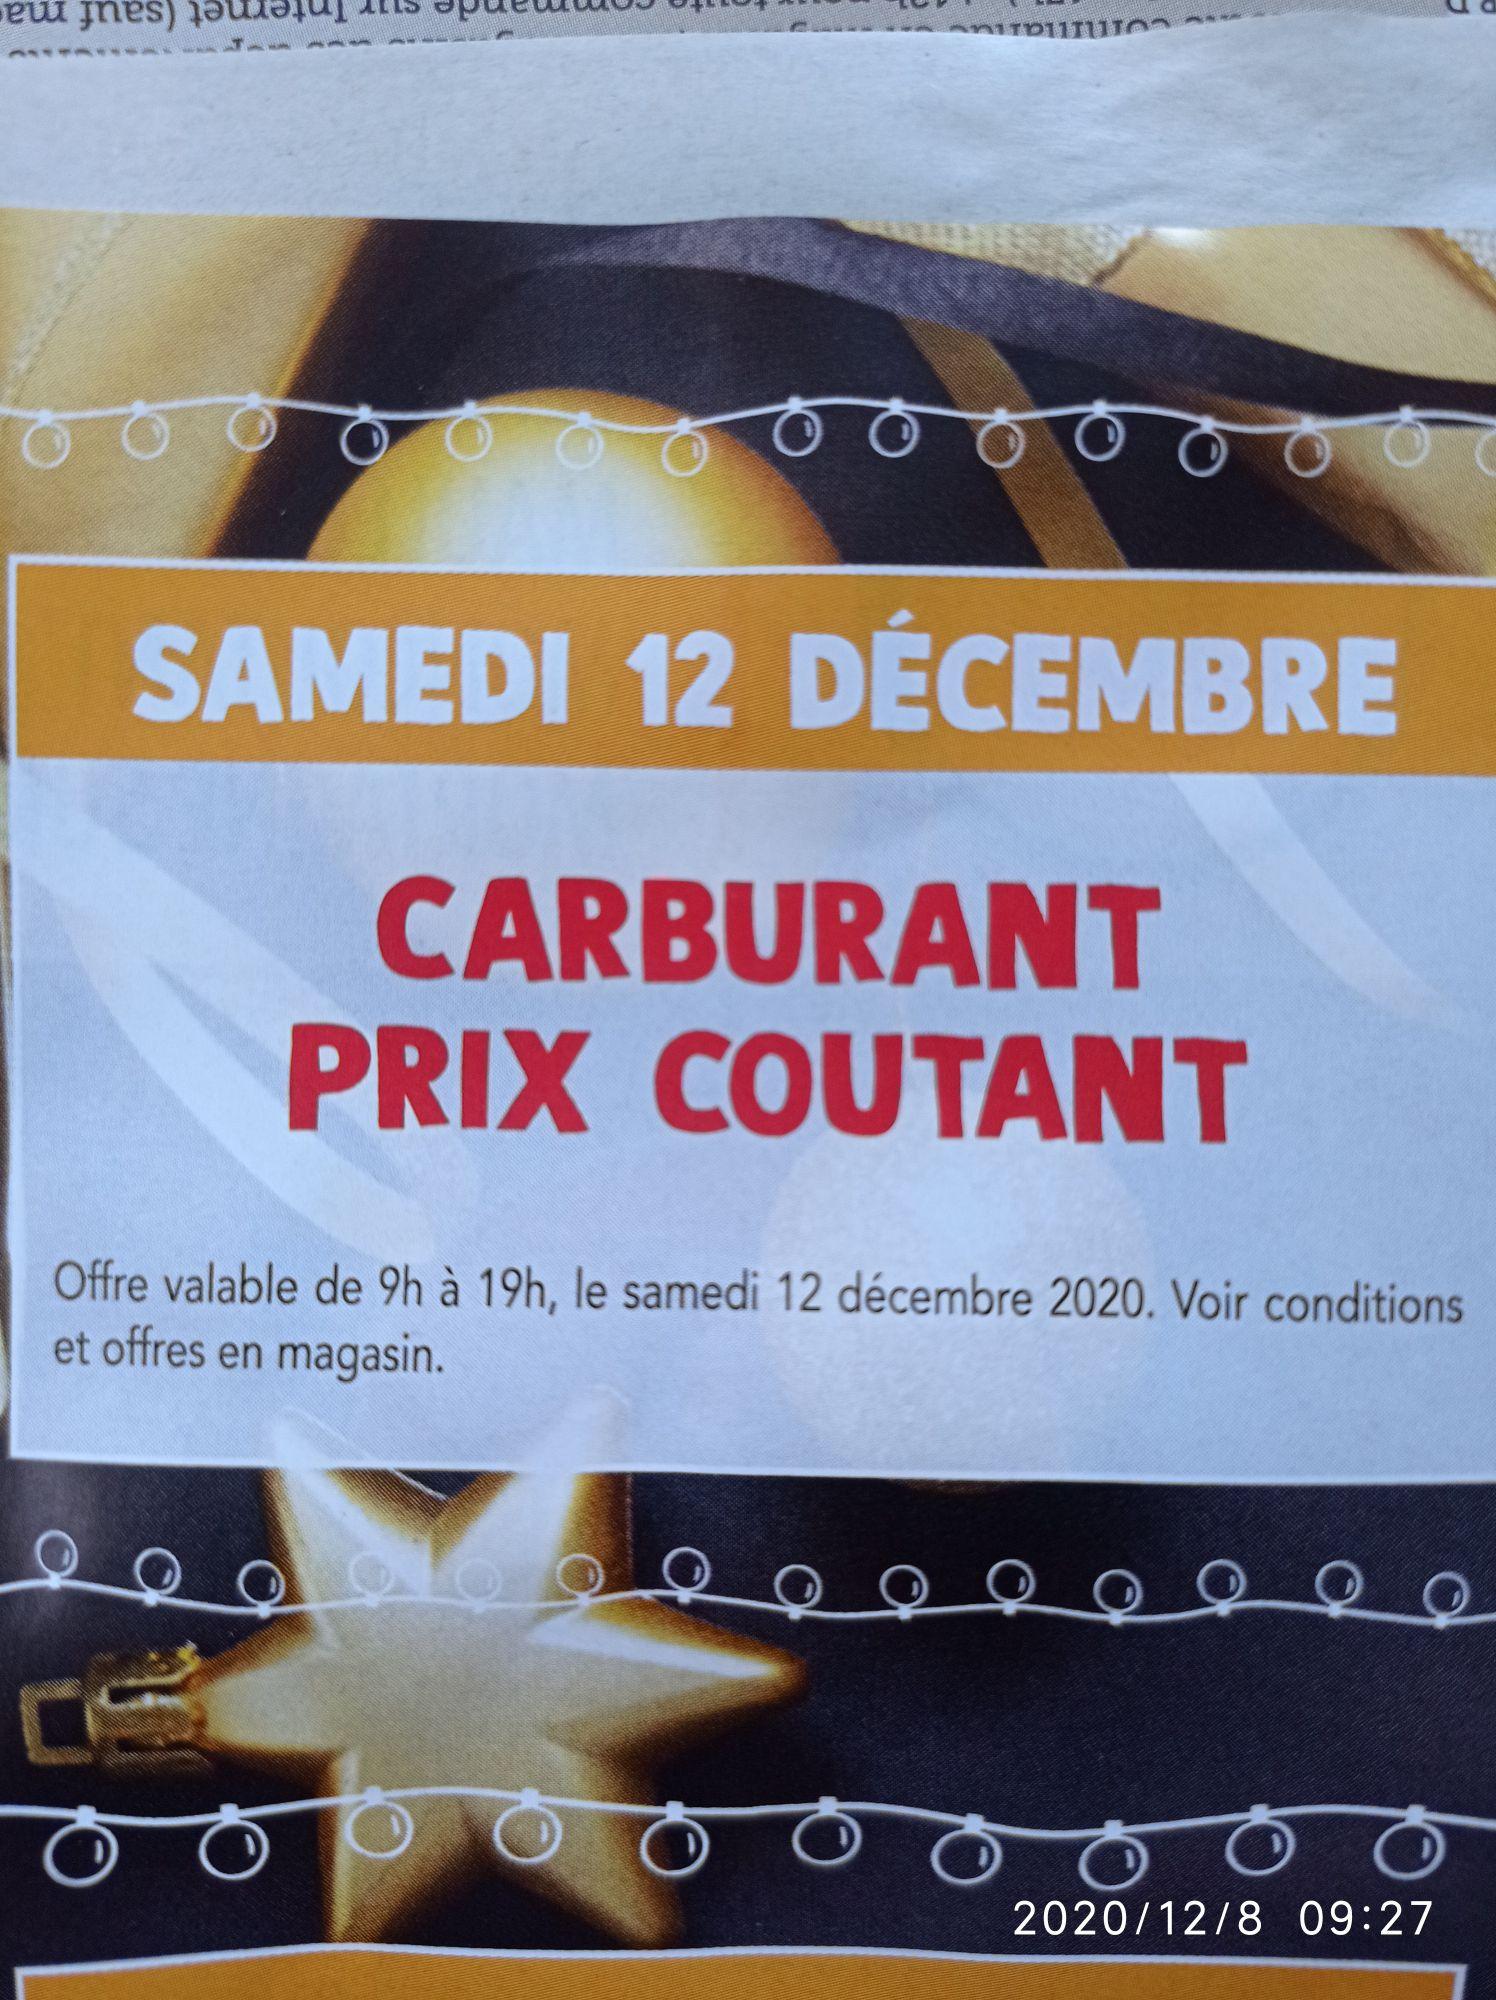 Carburant à prix coûtant - Cérizay, Mauléon, Moncoutant (79) / Mortagne-sur-Sèvre (85)